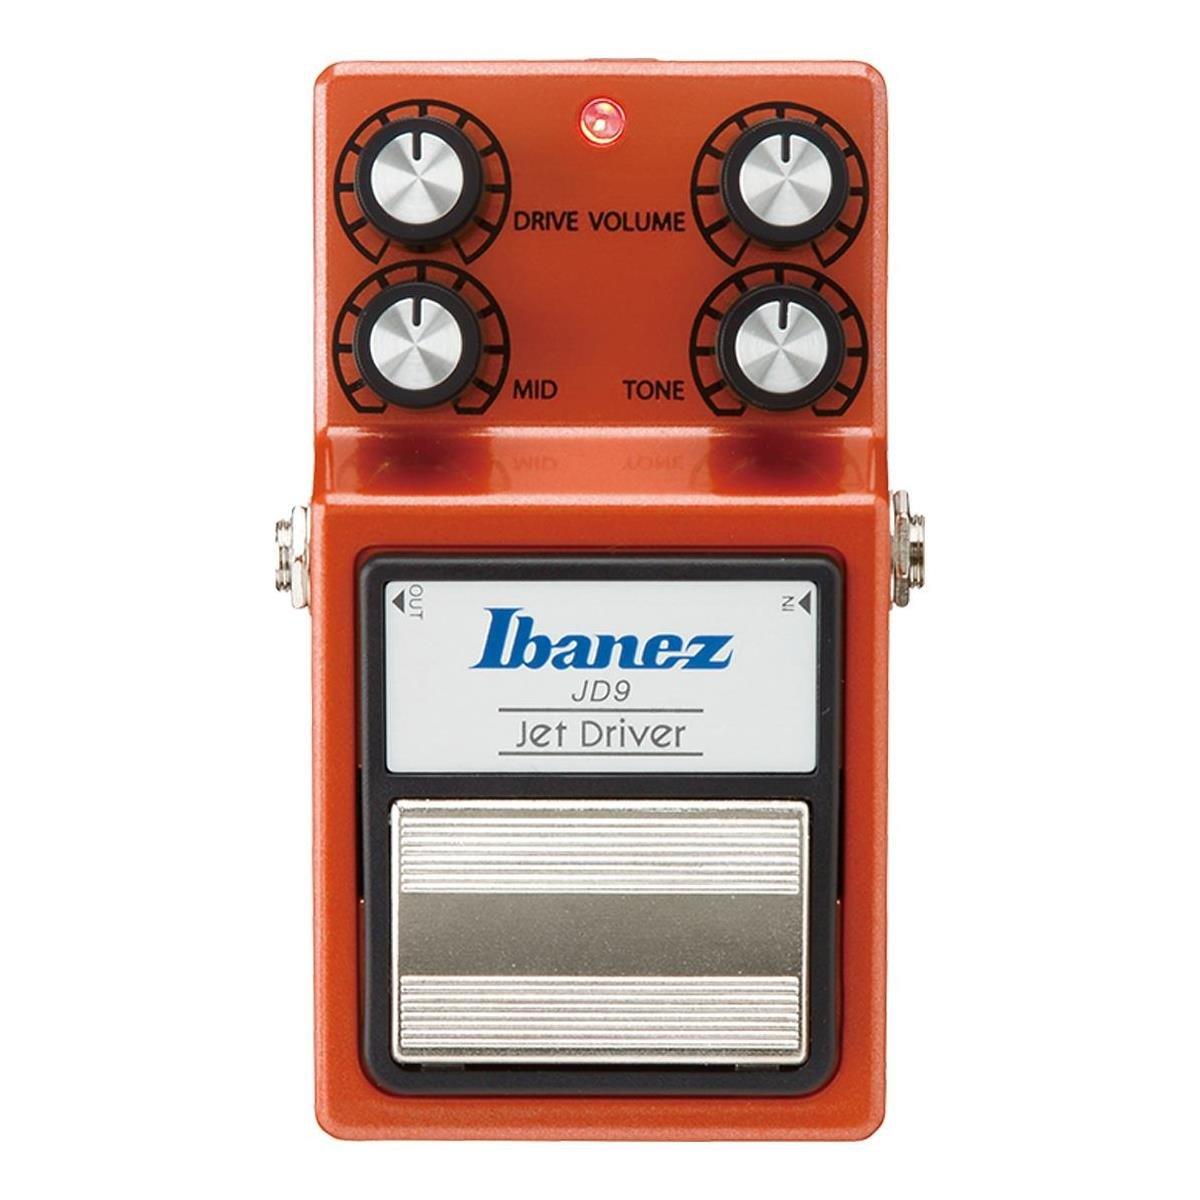 Ibanez Jet Driver